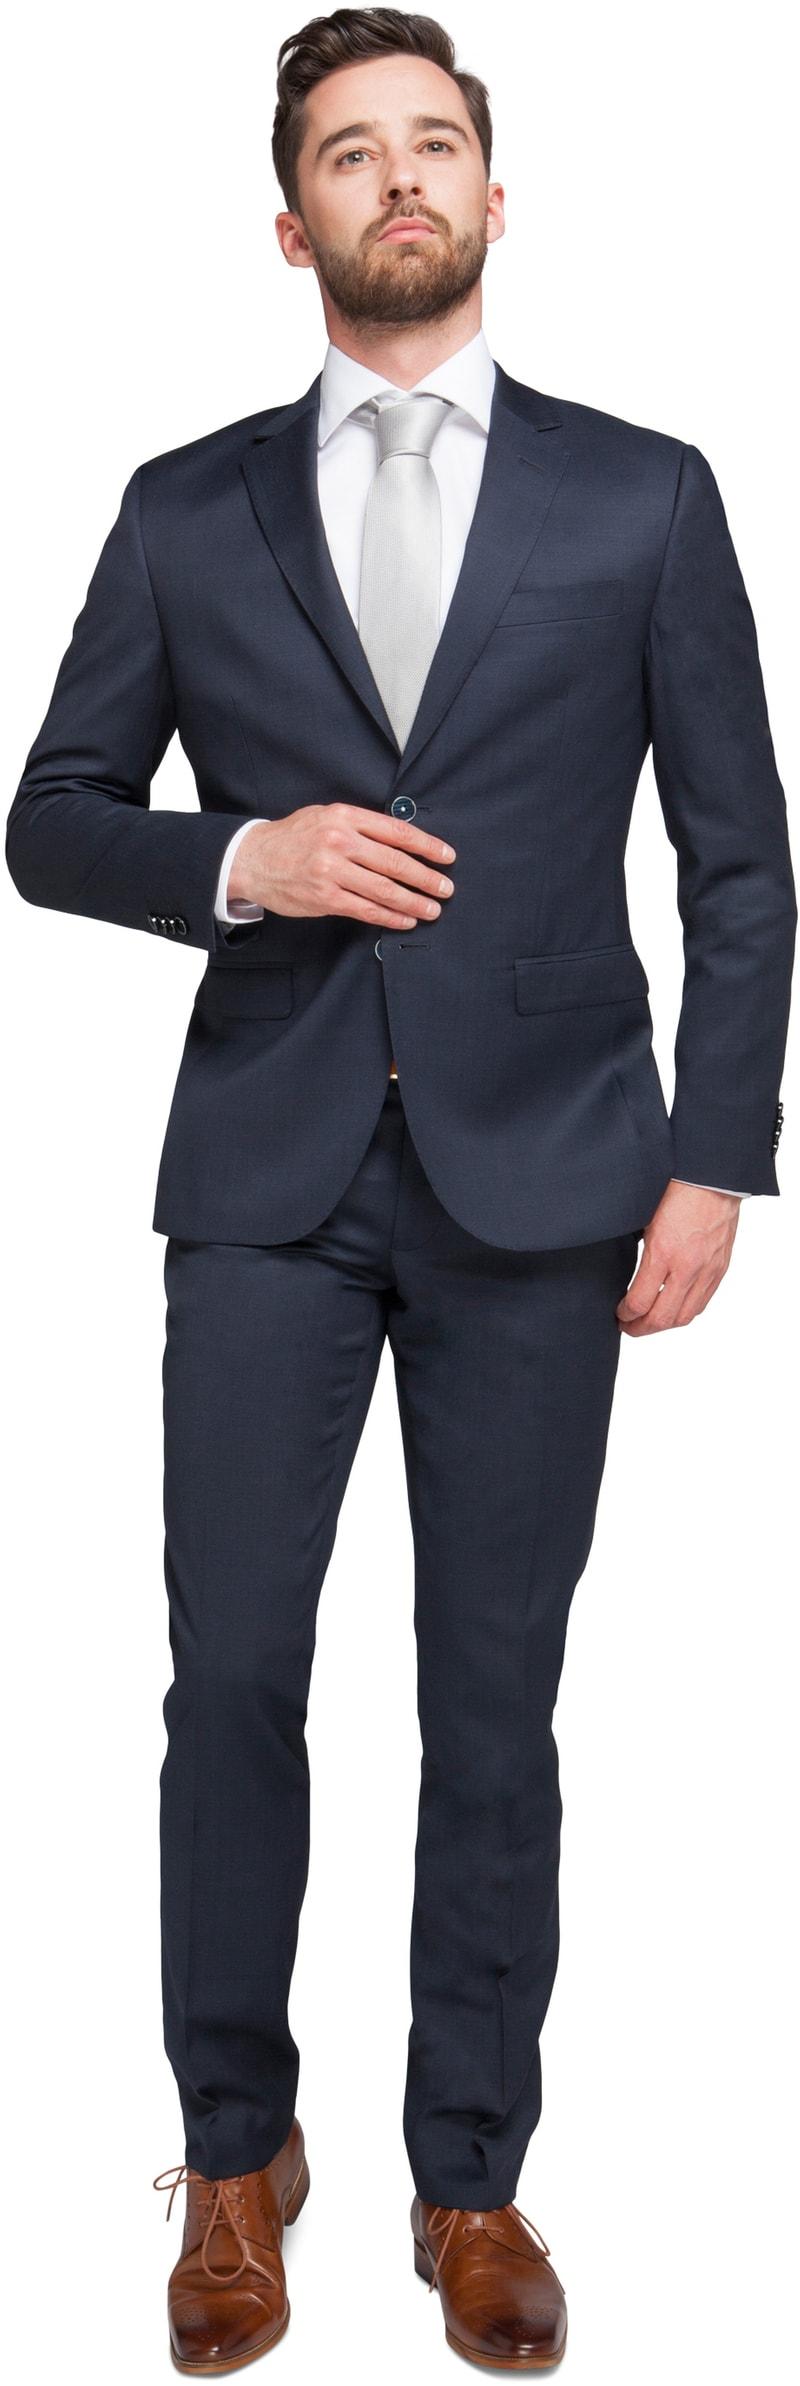 Suitable Kostuum Berlijn Donkerblauw  online bestellen   Suitable